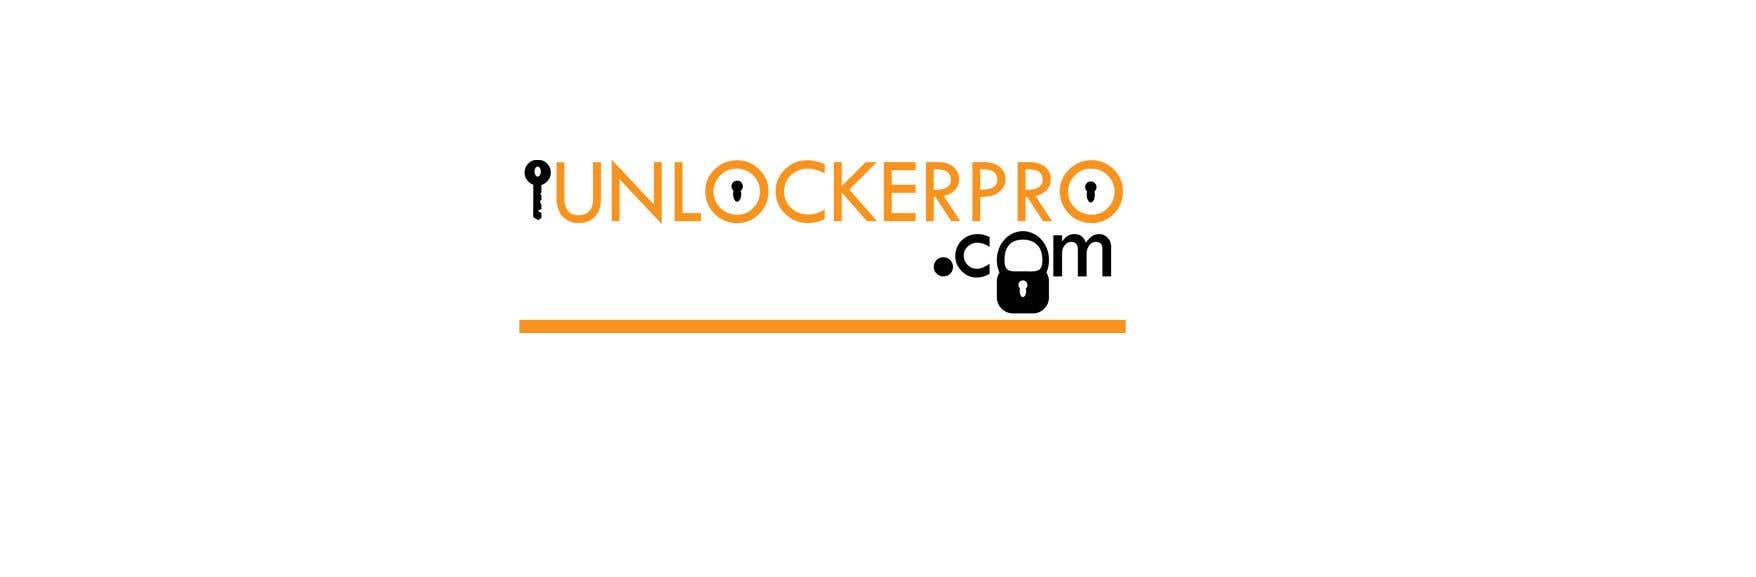 Penyertaan Peraduan #27 untuk Logo Design for www.iunlockerpro.com